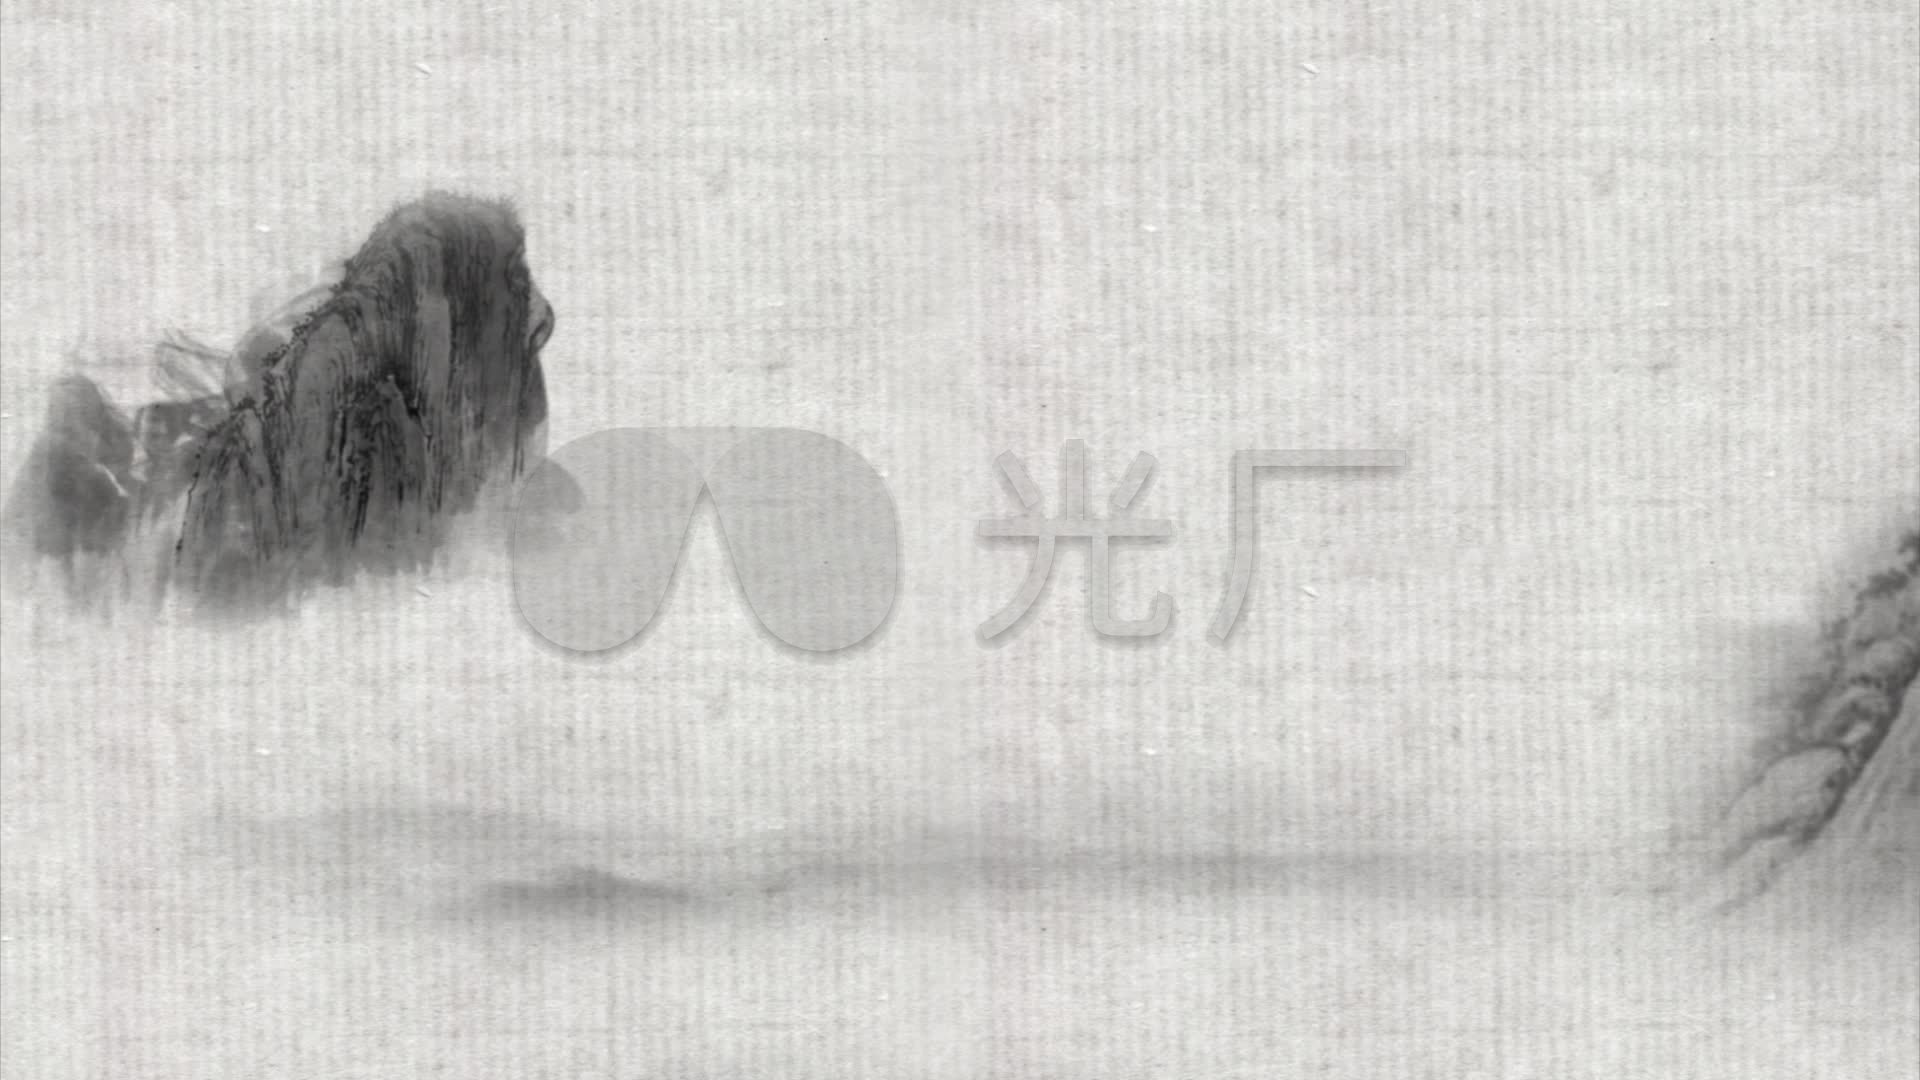 丹青爬虫教程中国山水画动画_1920X1080_高java动画水墨视频图片